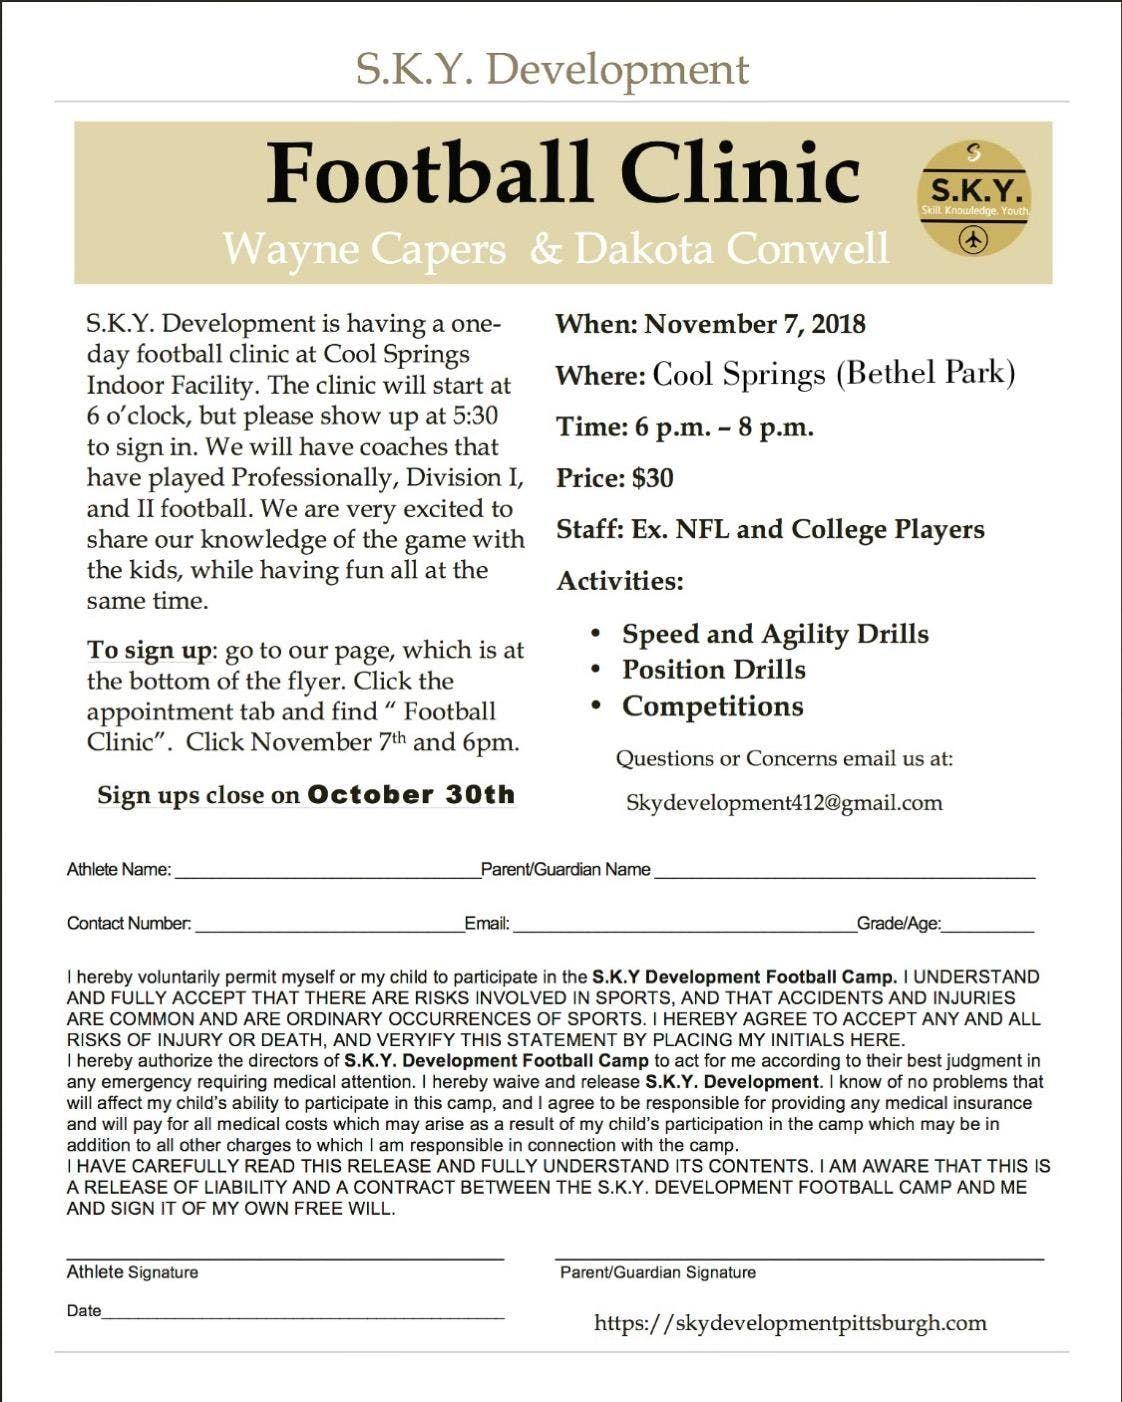 Sky Football Clinic